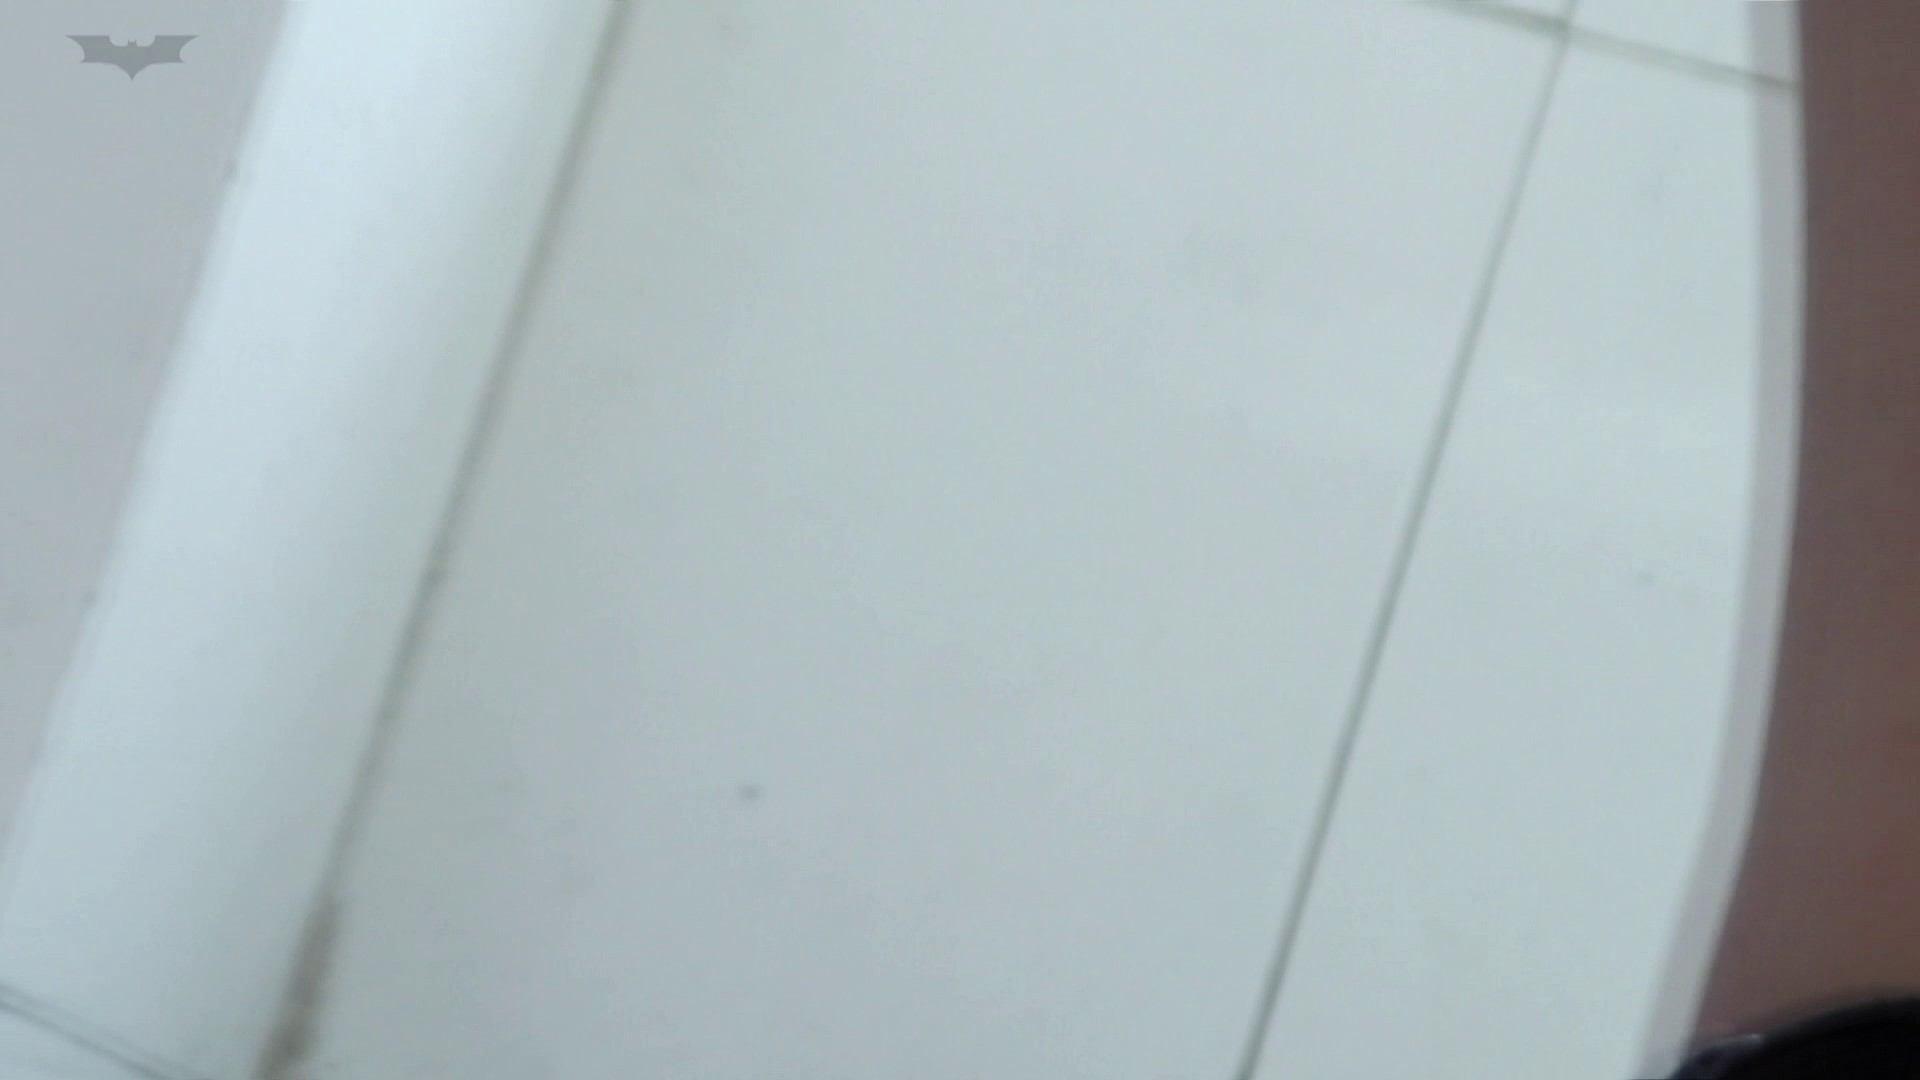 なんだこれVol.12 美魔女登場、 HD万歳!! 違いが判る映像美!! エロくん潜入 おまんこ無修正動画無料 102連発 50